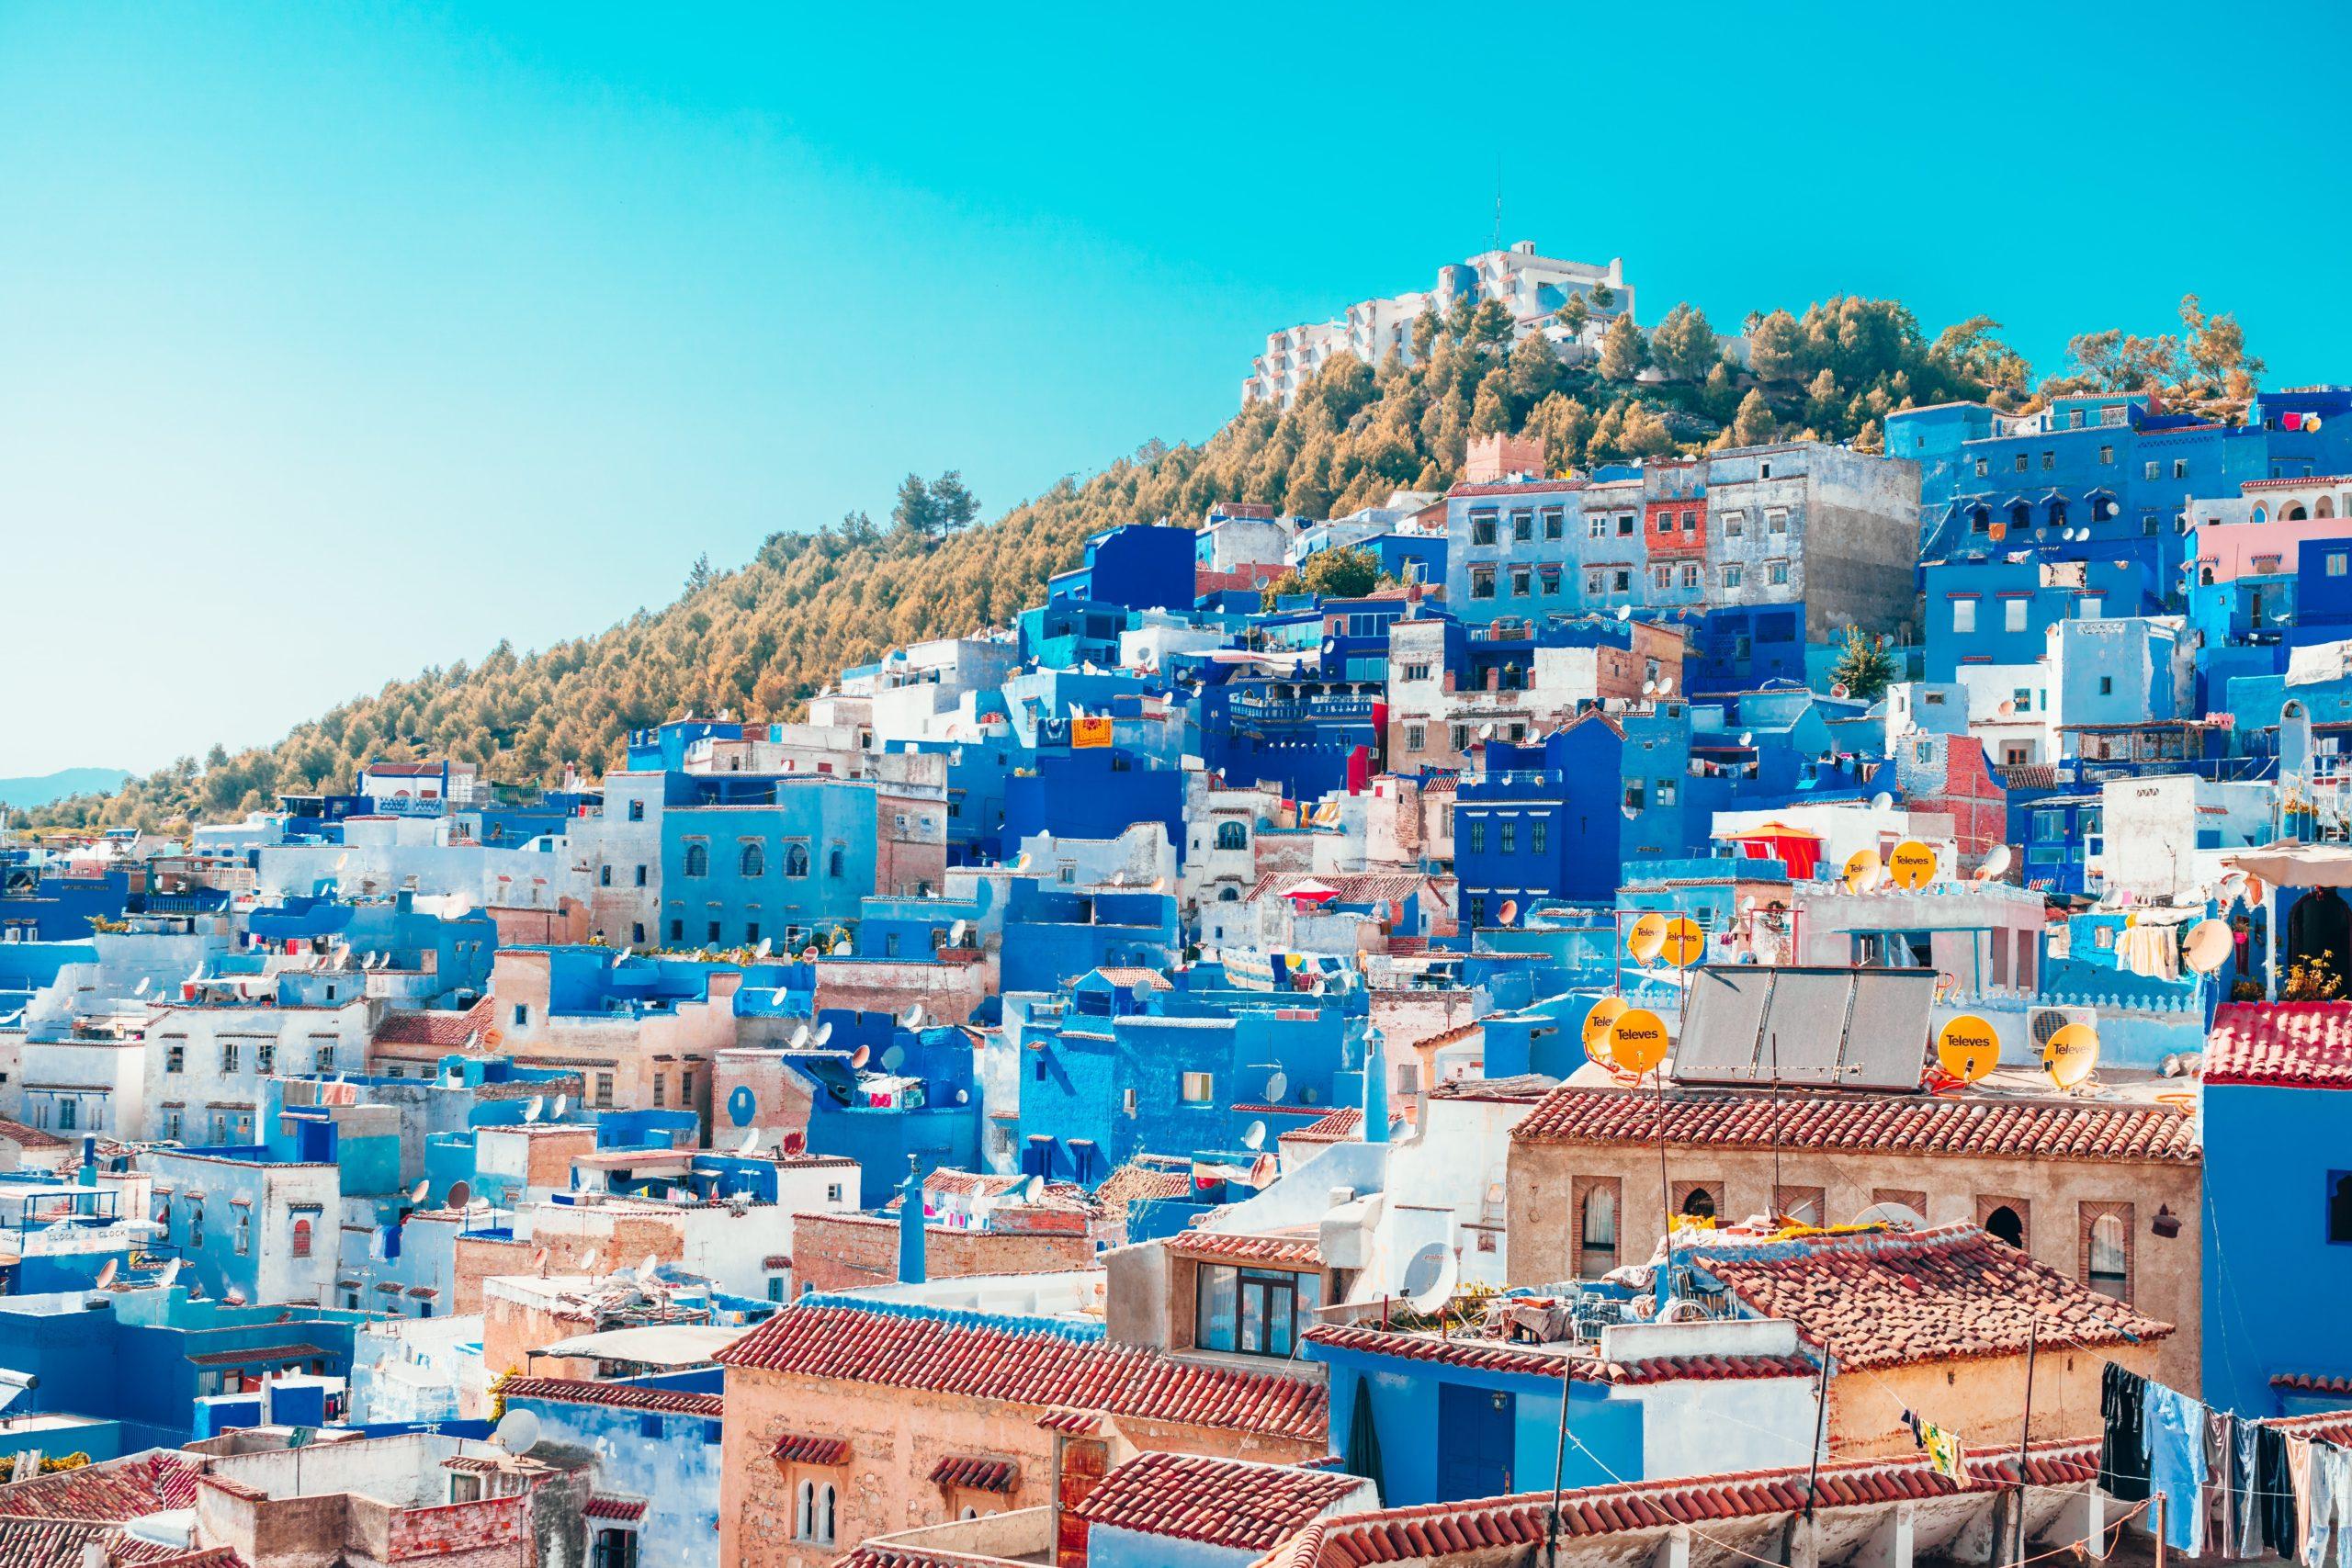 بالصور تعرف على مدينة شفشاون الزرقاء المذهلة في المغرب